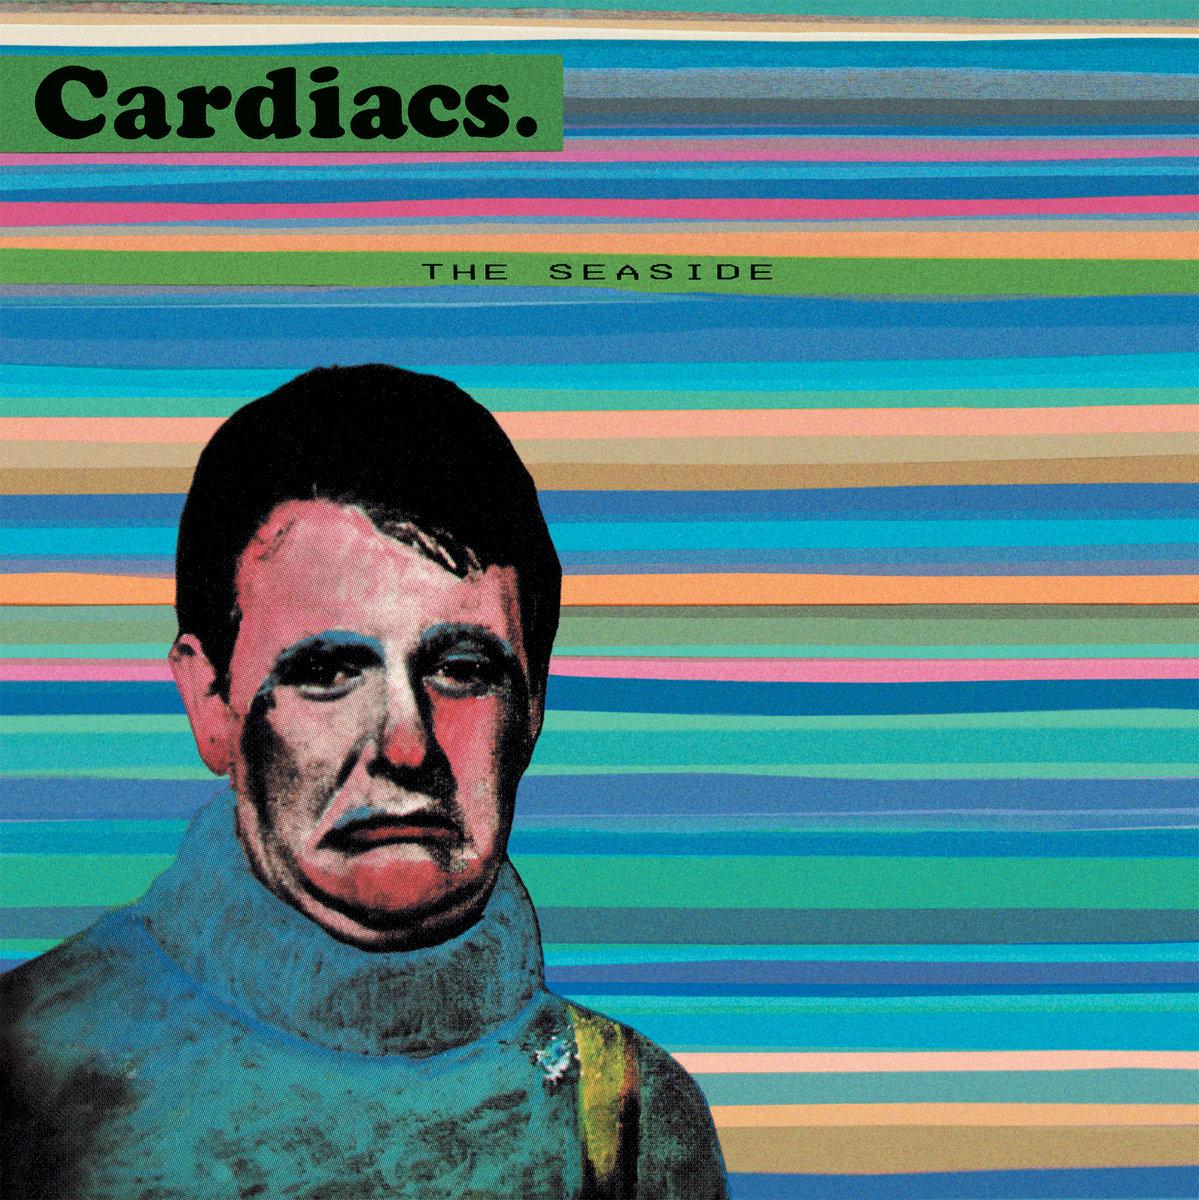 Pochette du deuxième album de The cardiacs